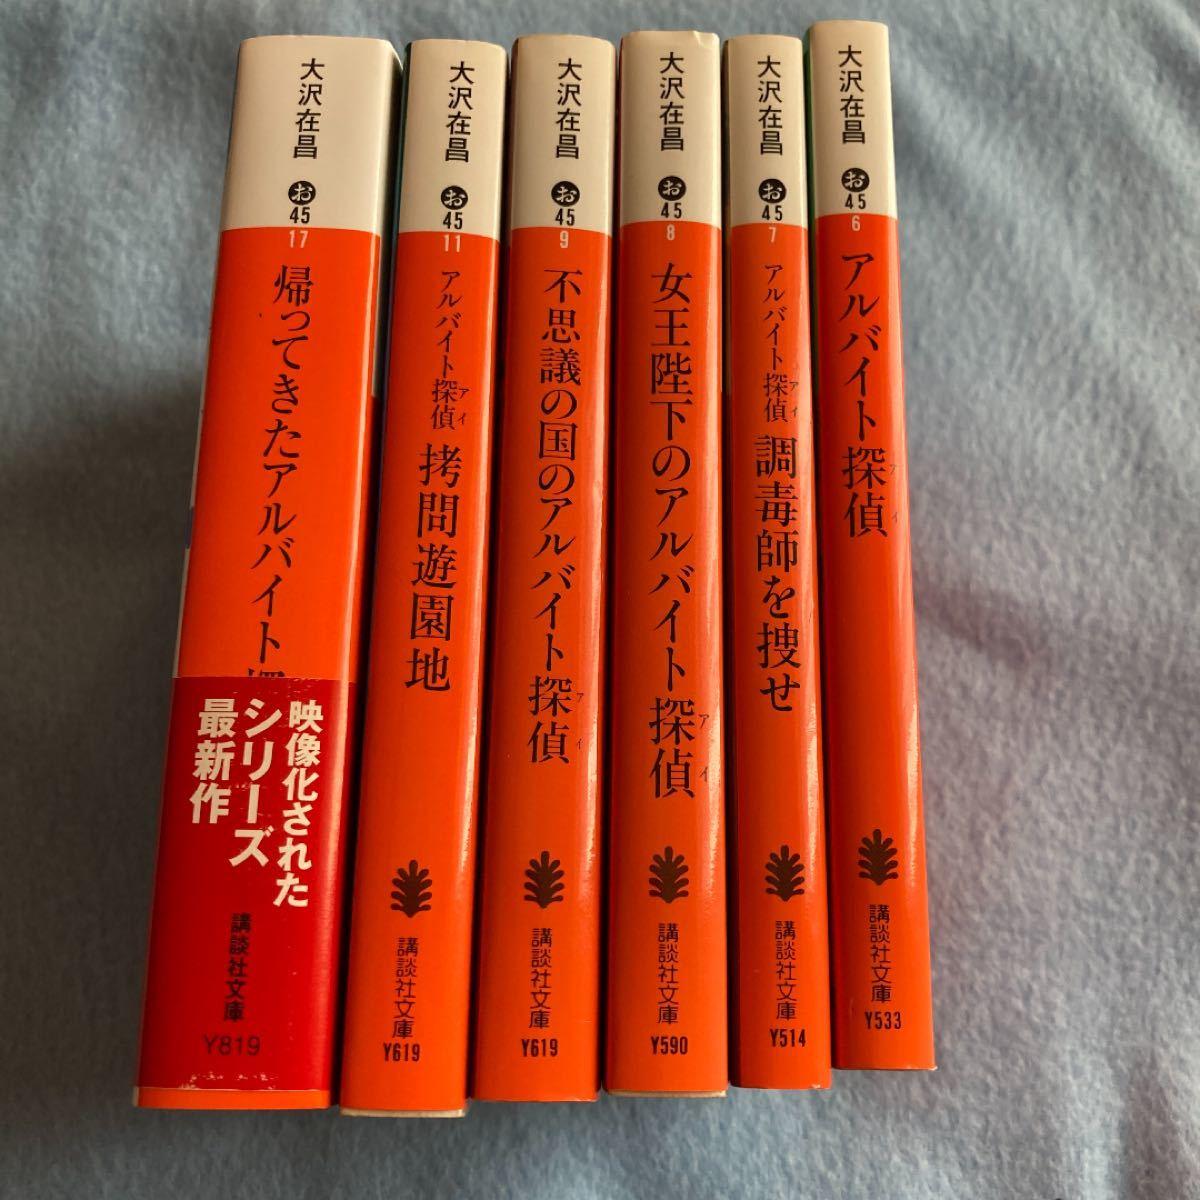 大沢存昌 アルバイト探偵シリーズ 1-6